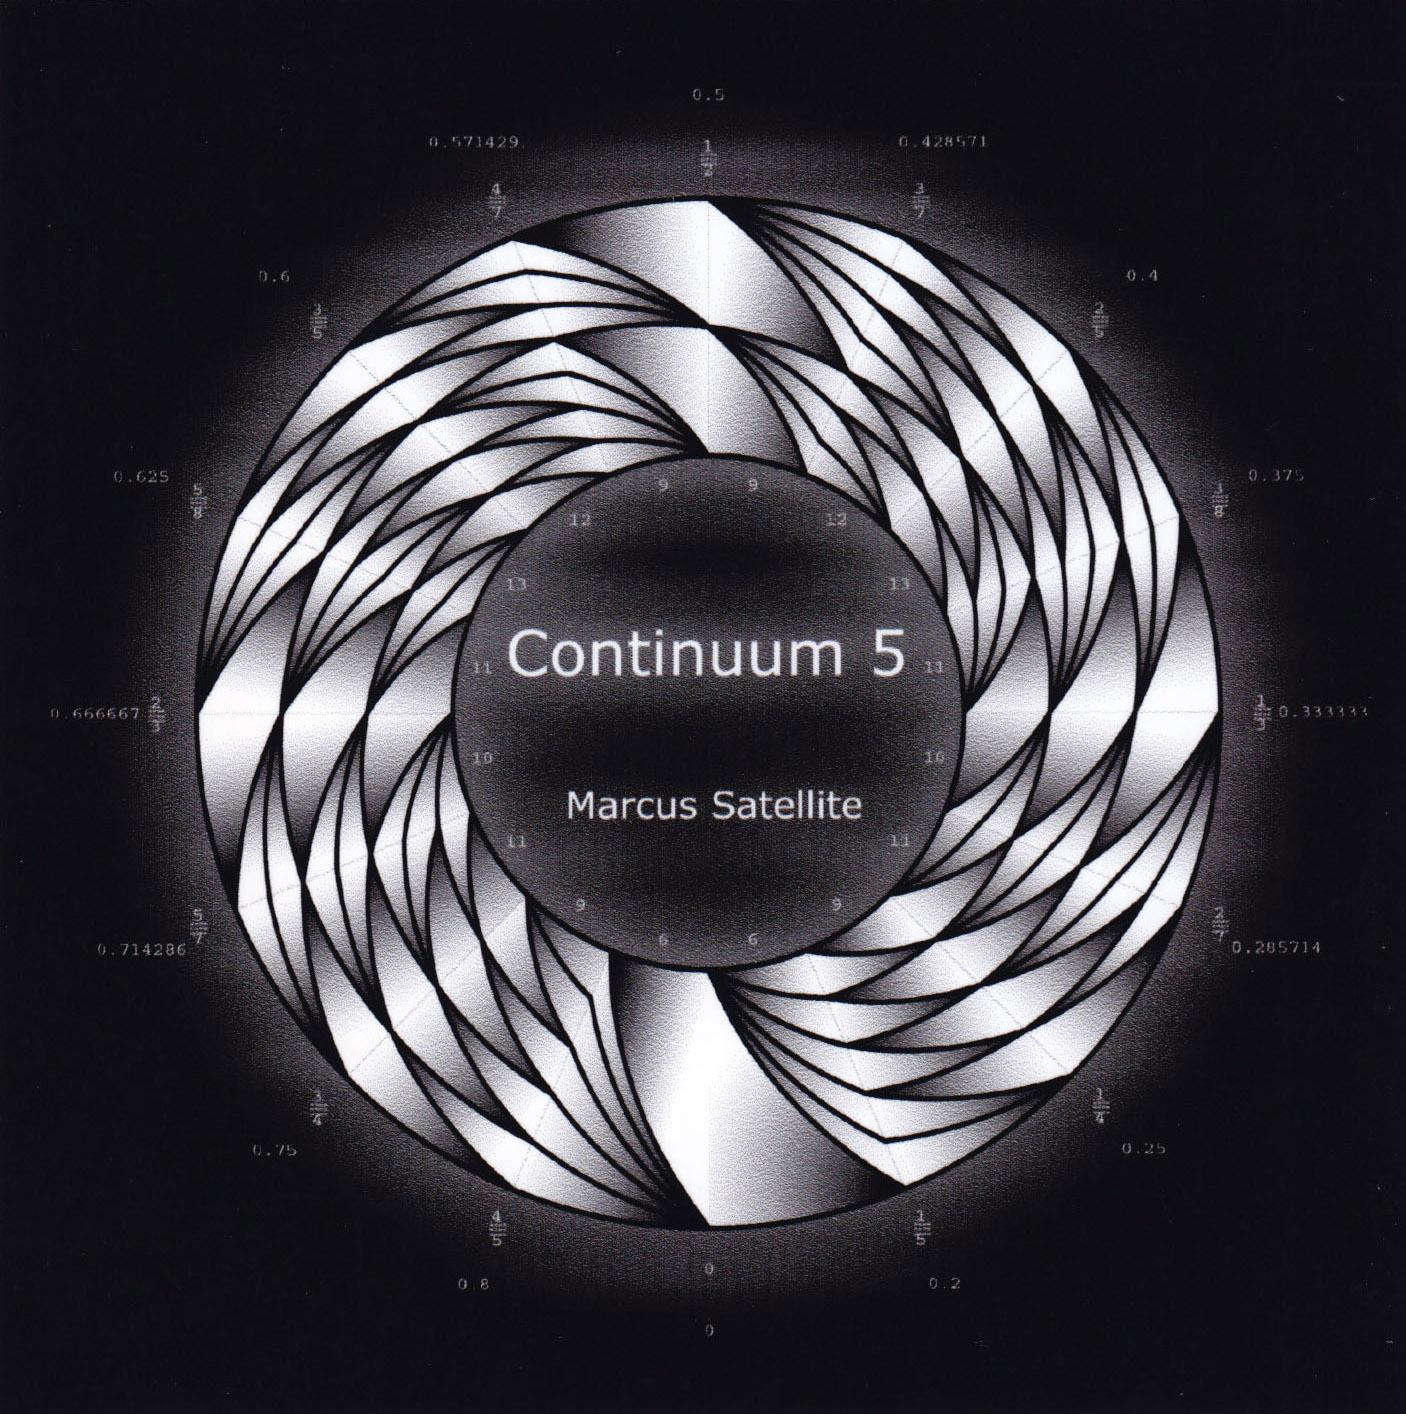 3/8 Continuum